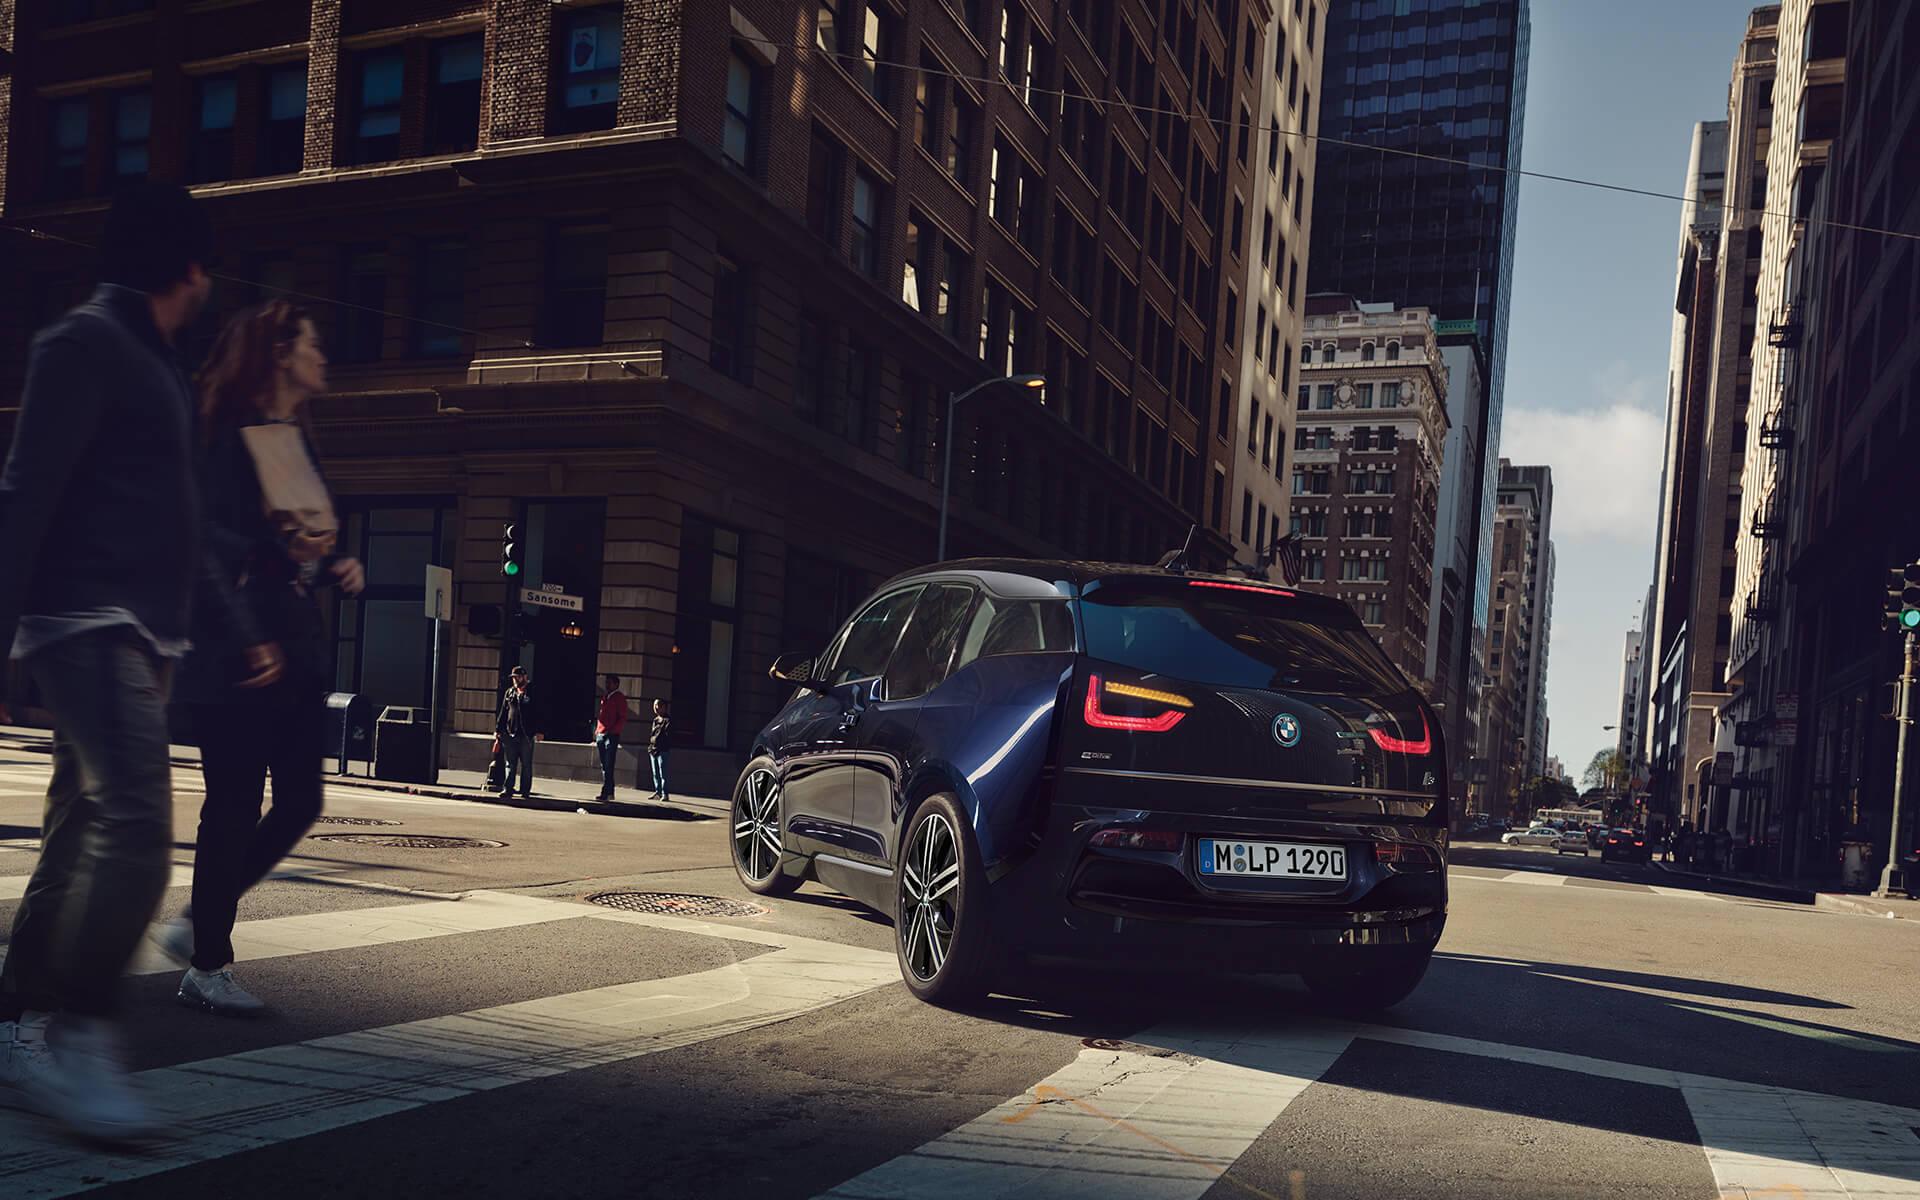 BMW i3 Erfahrungen Heckansicht des i3 von BMW Bildquelle: BMW